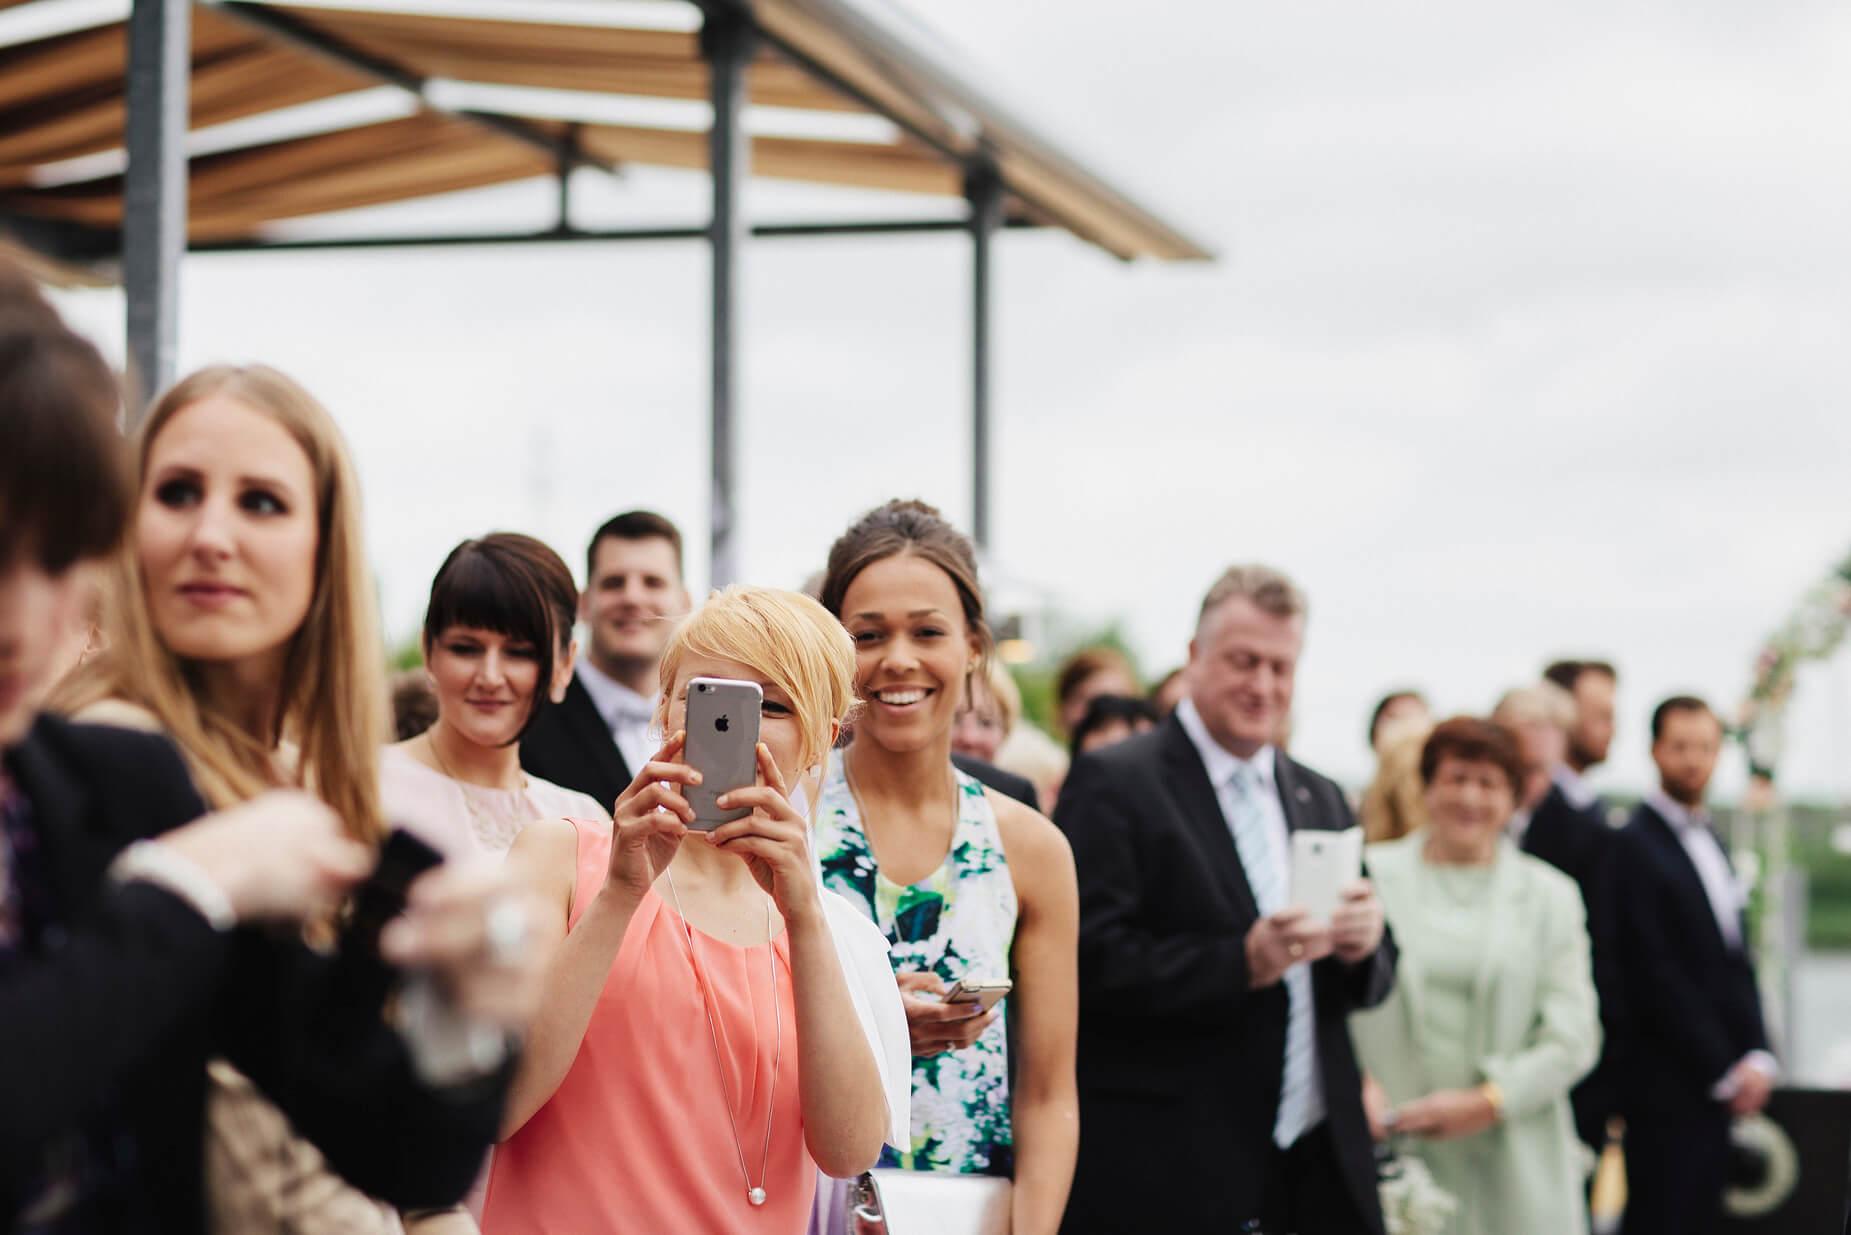 you-me-us_wedding-and-family-photography_hochzeitsreportage-hamburg_isabelle-niki_053